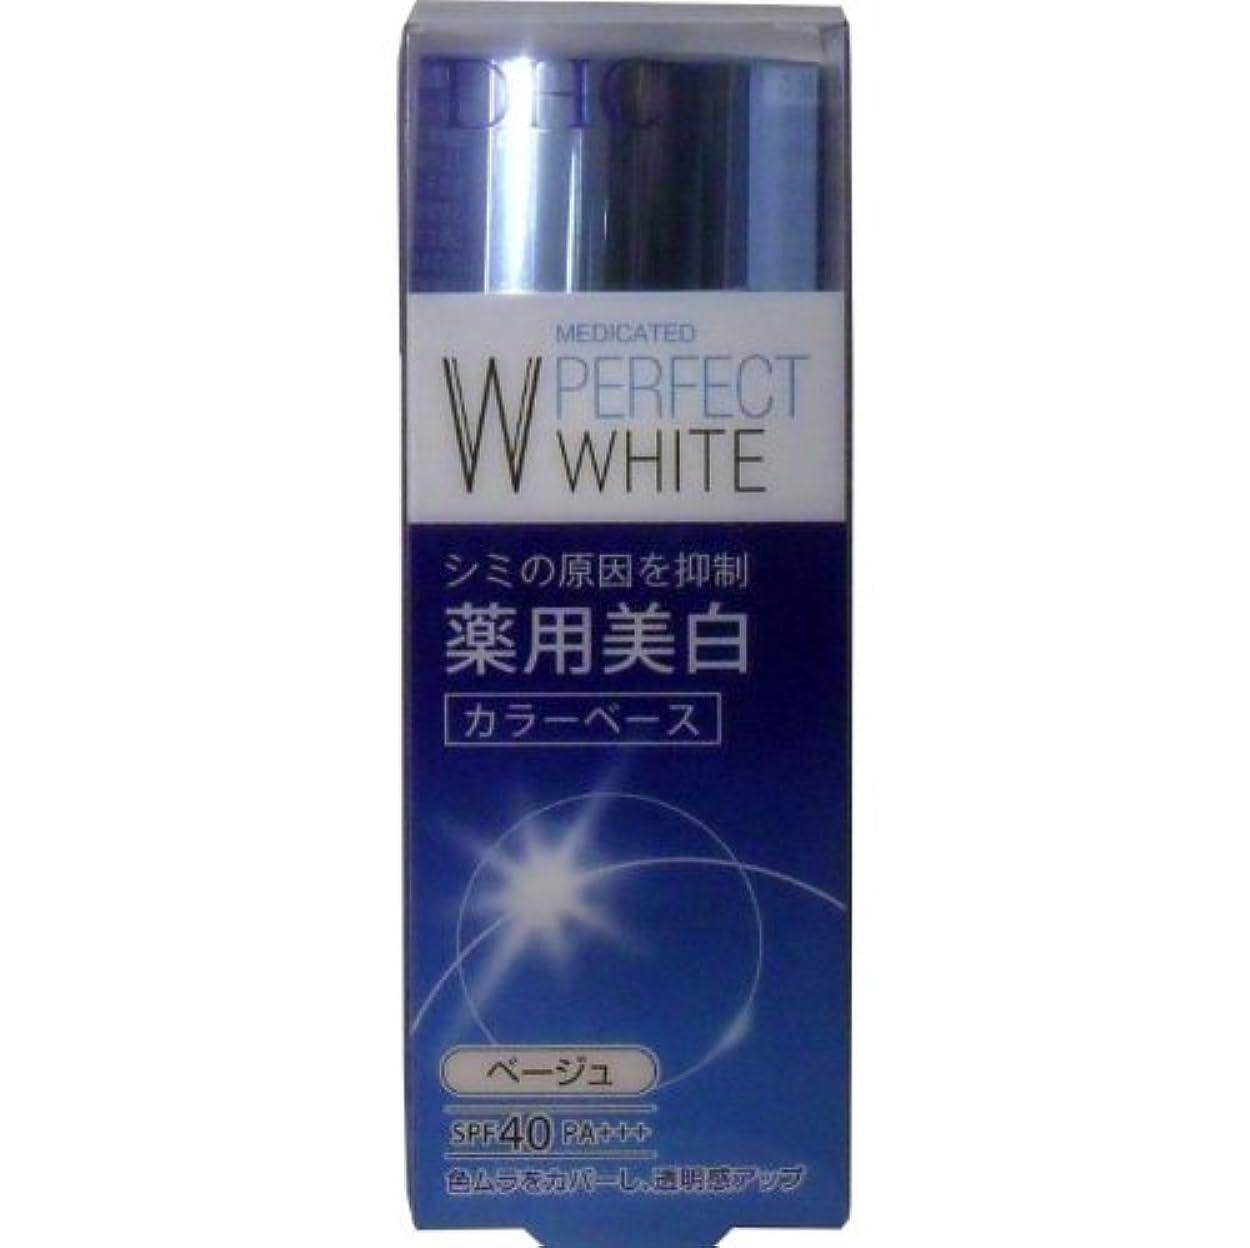 リア王やさしい自明DHC 薬用美白パーフェクトホワイト カラーベース ベージュ 30g